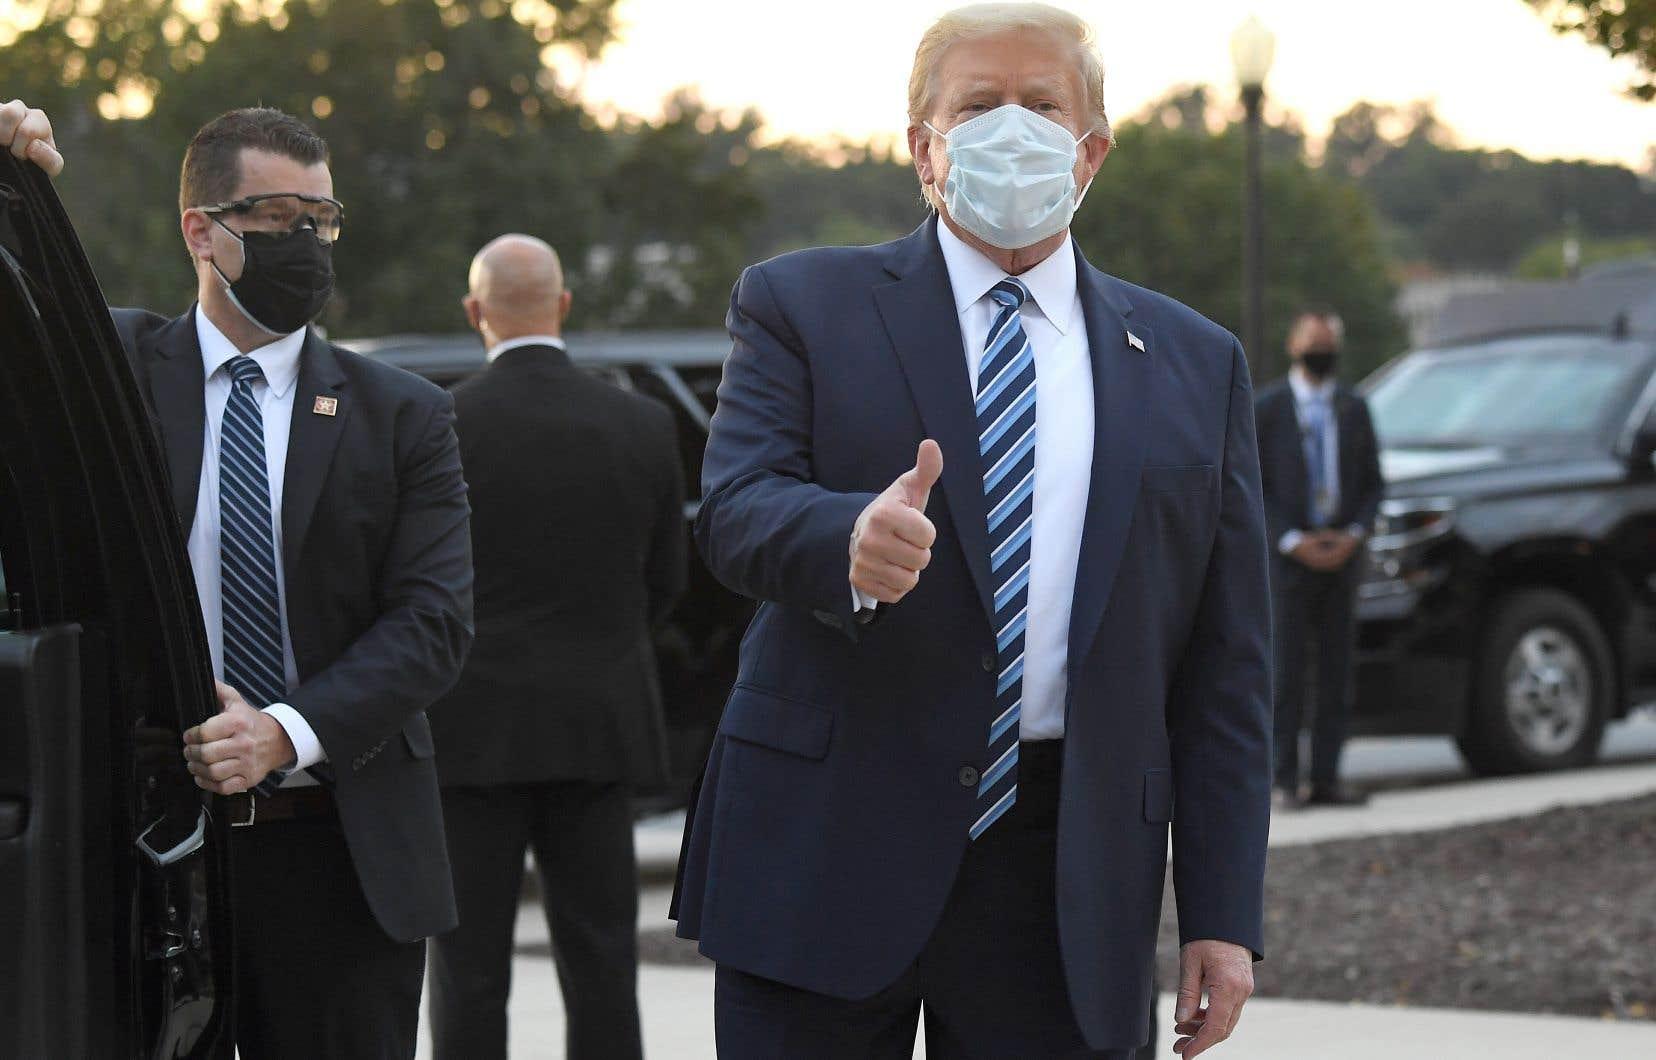 Pour l'heure, selon le médecin de la Maison-Blanche, l'état de santé de Donald Trump est chaque jour un peu plus rassurant, à trois semaines d'un scrutin qui s'annonce très difficile pour lui face au candidat démocrate Joe Biden.